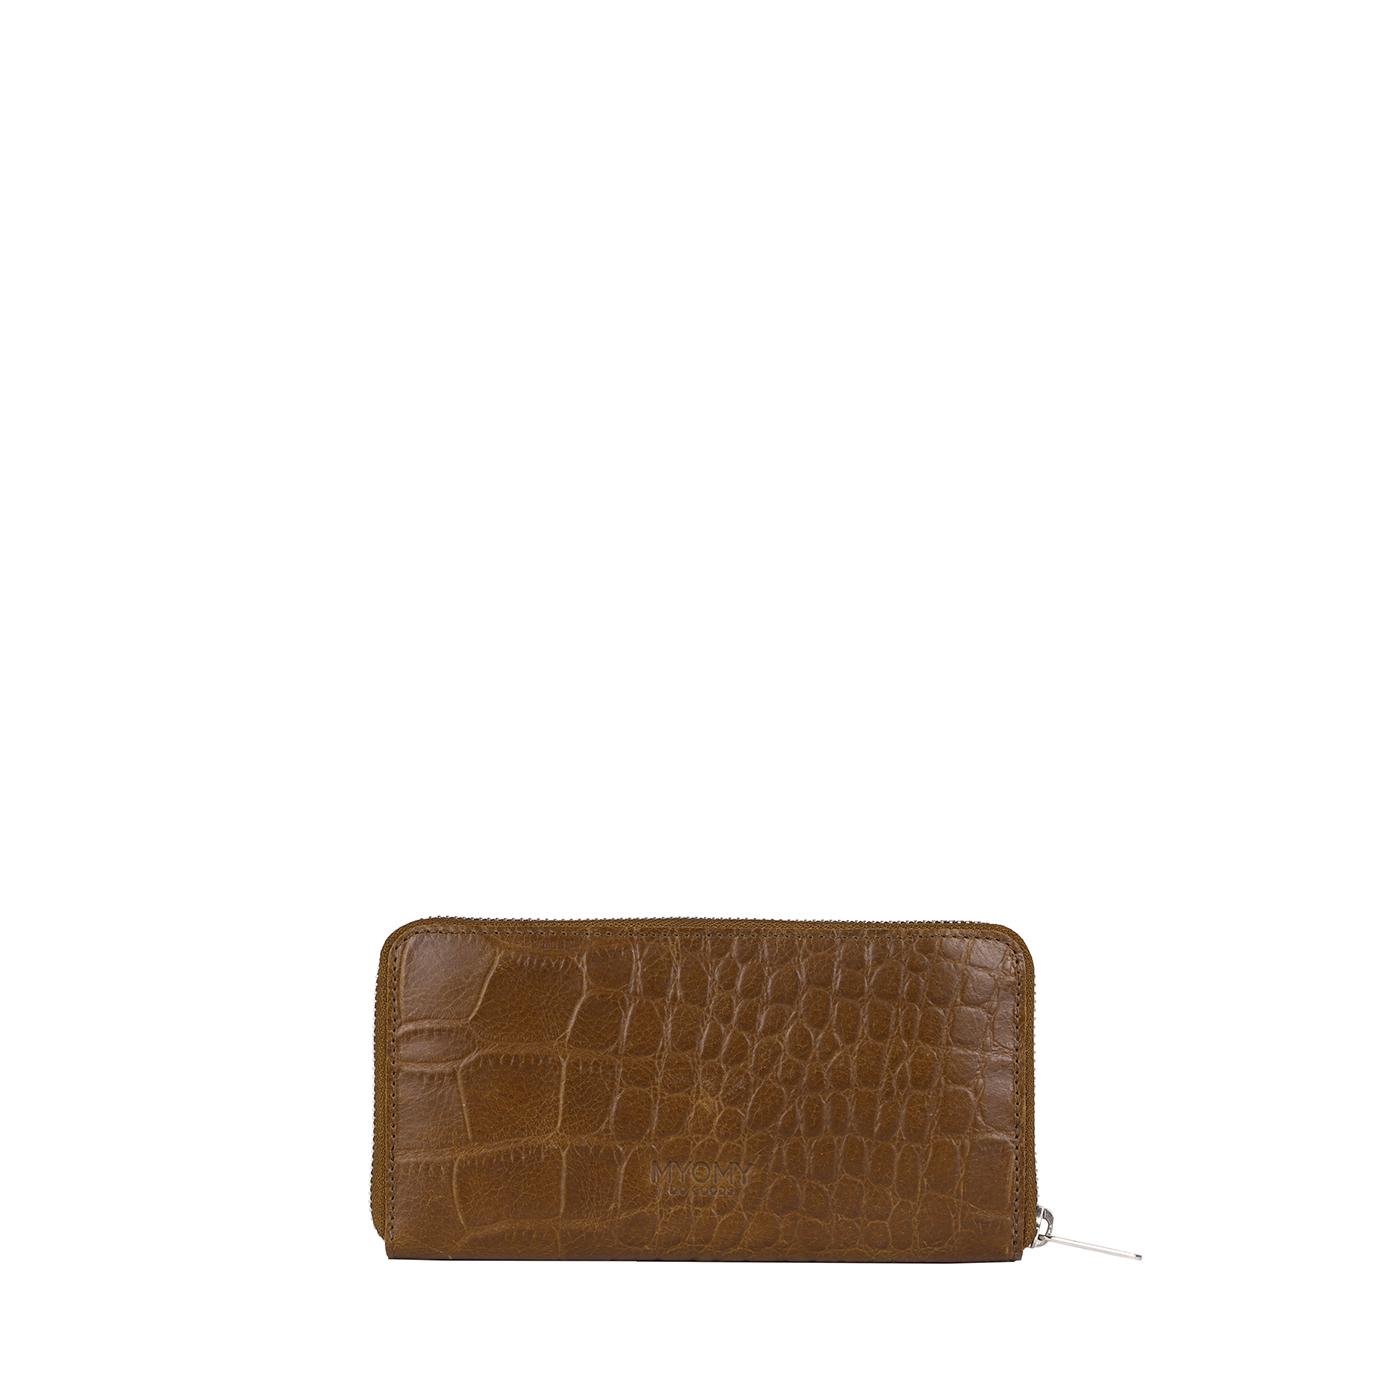 MY PAPER BAG Wallet Large (RFID) - croco original